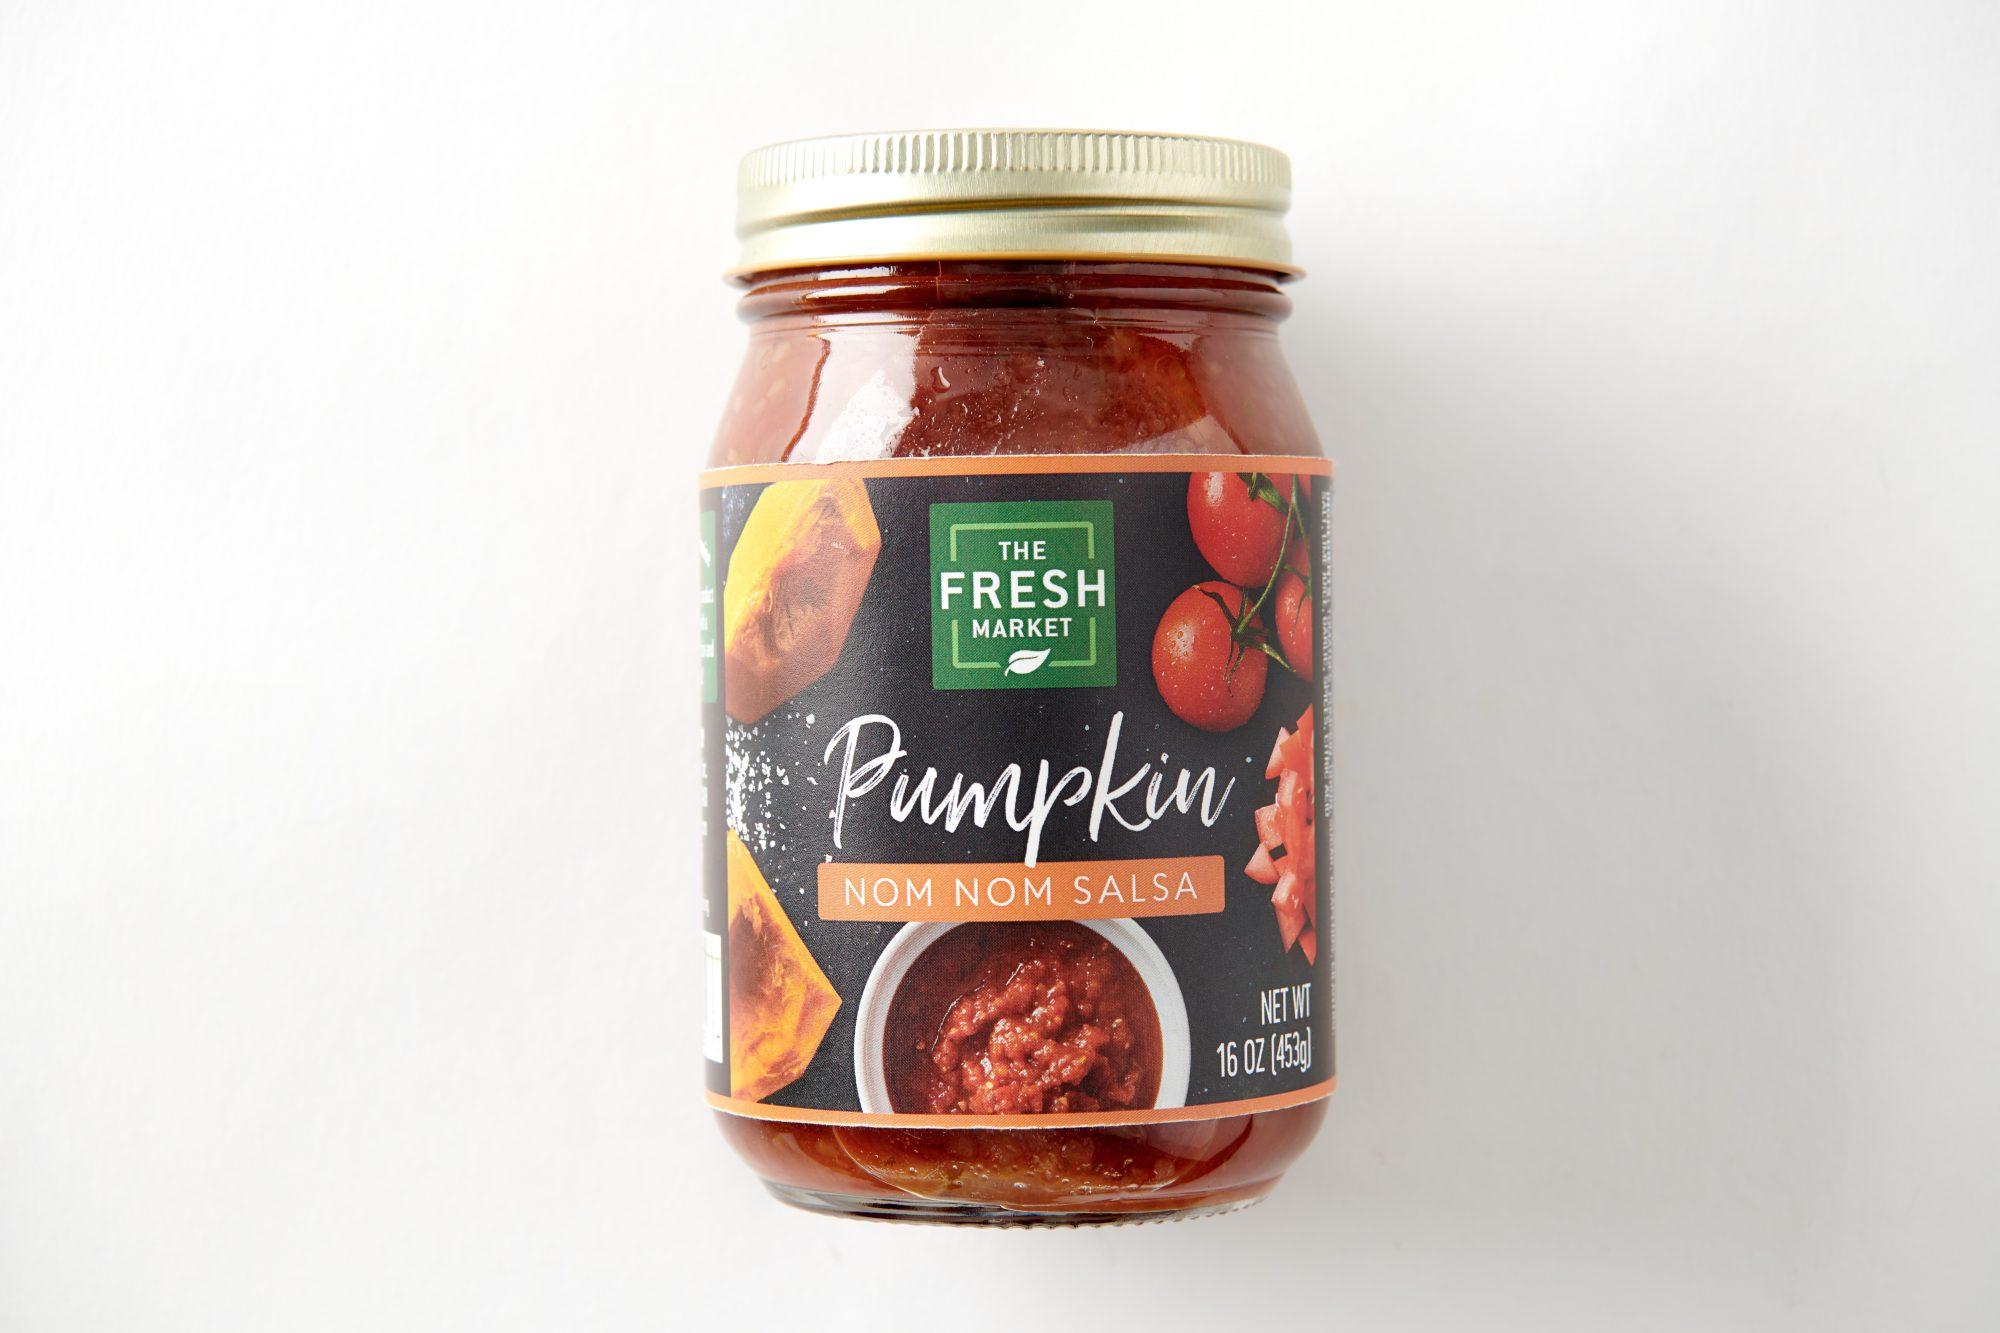 tfm-pumpkin-nom-nom-salsa-193-1.jpg